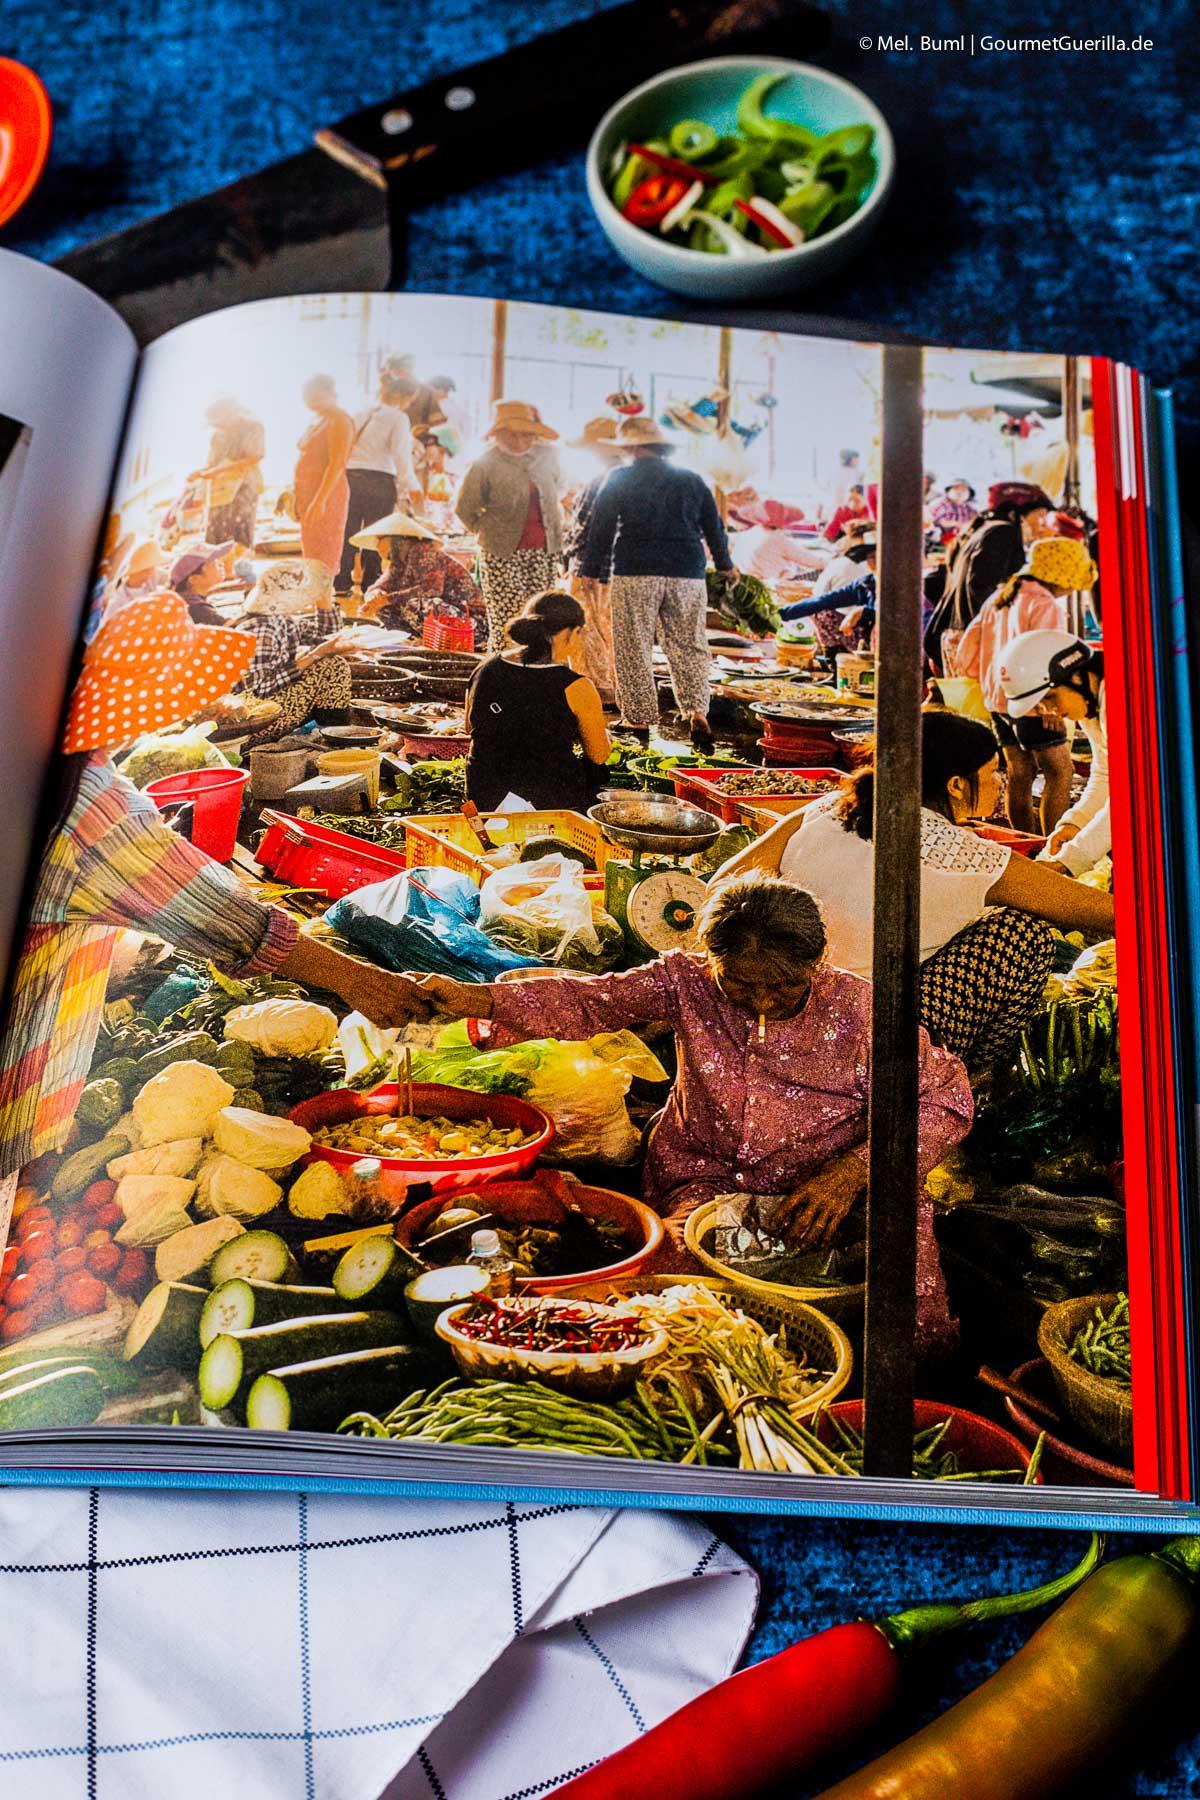 Das Kochbuch Asia Street Bowls |GourmetGuerilla.de